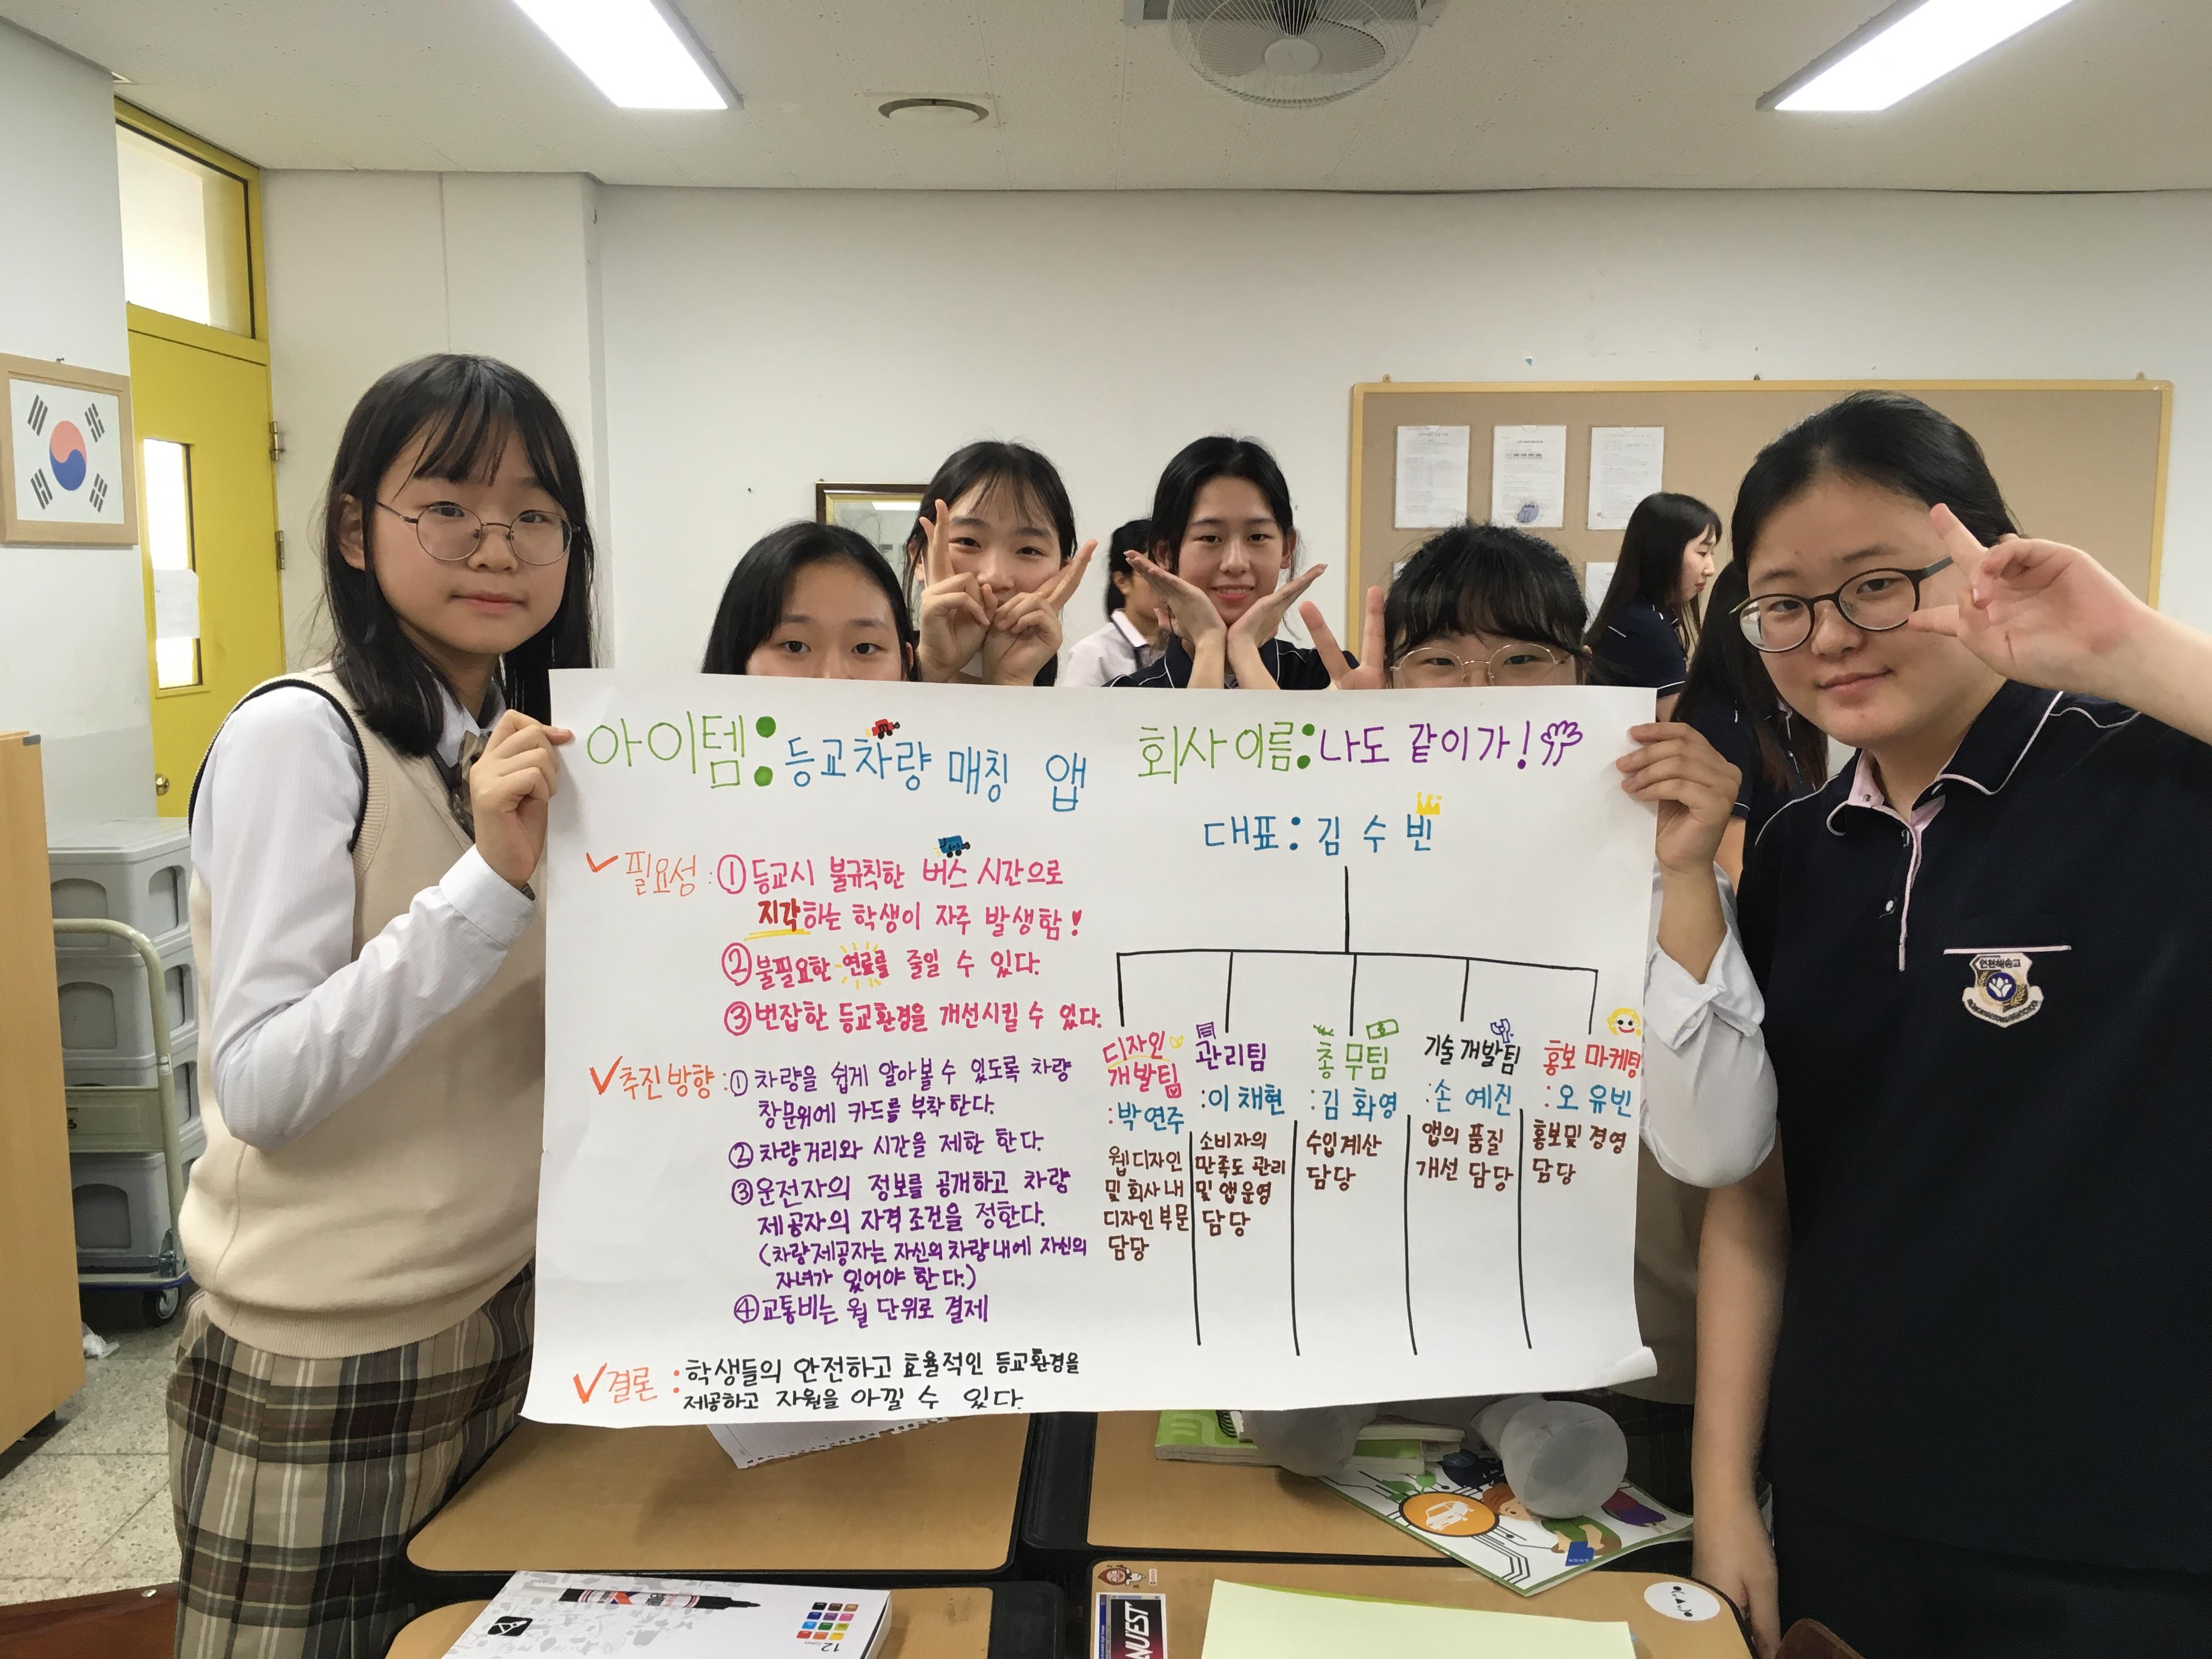 인천 해송고등학교 '2017 공유경제 아카데미' 4회차